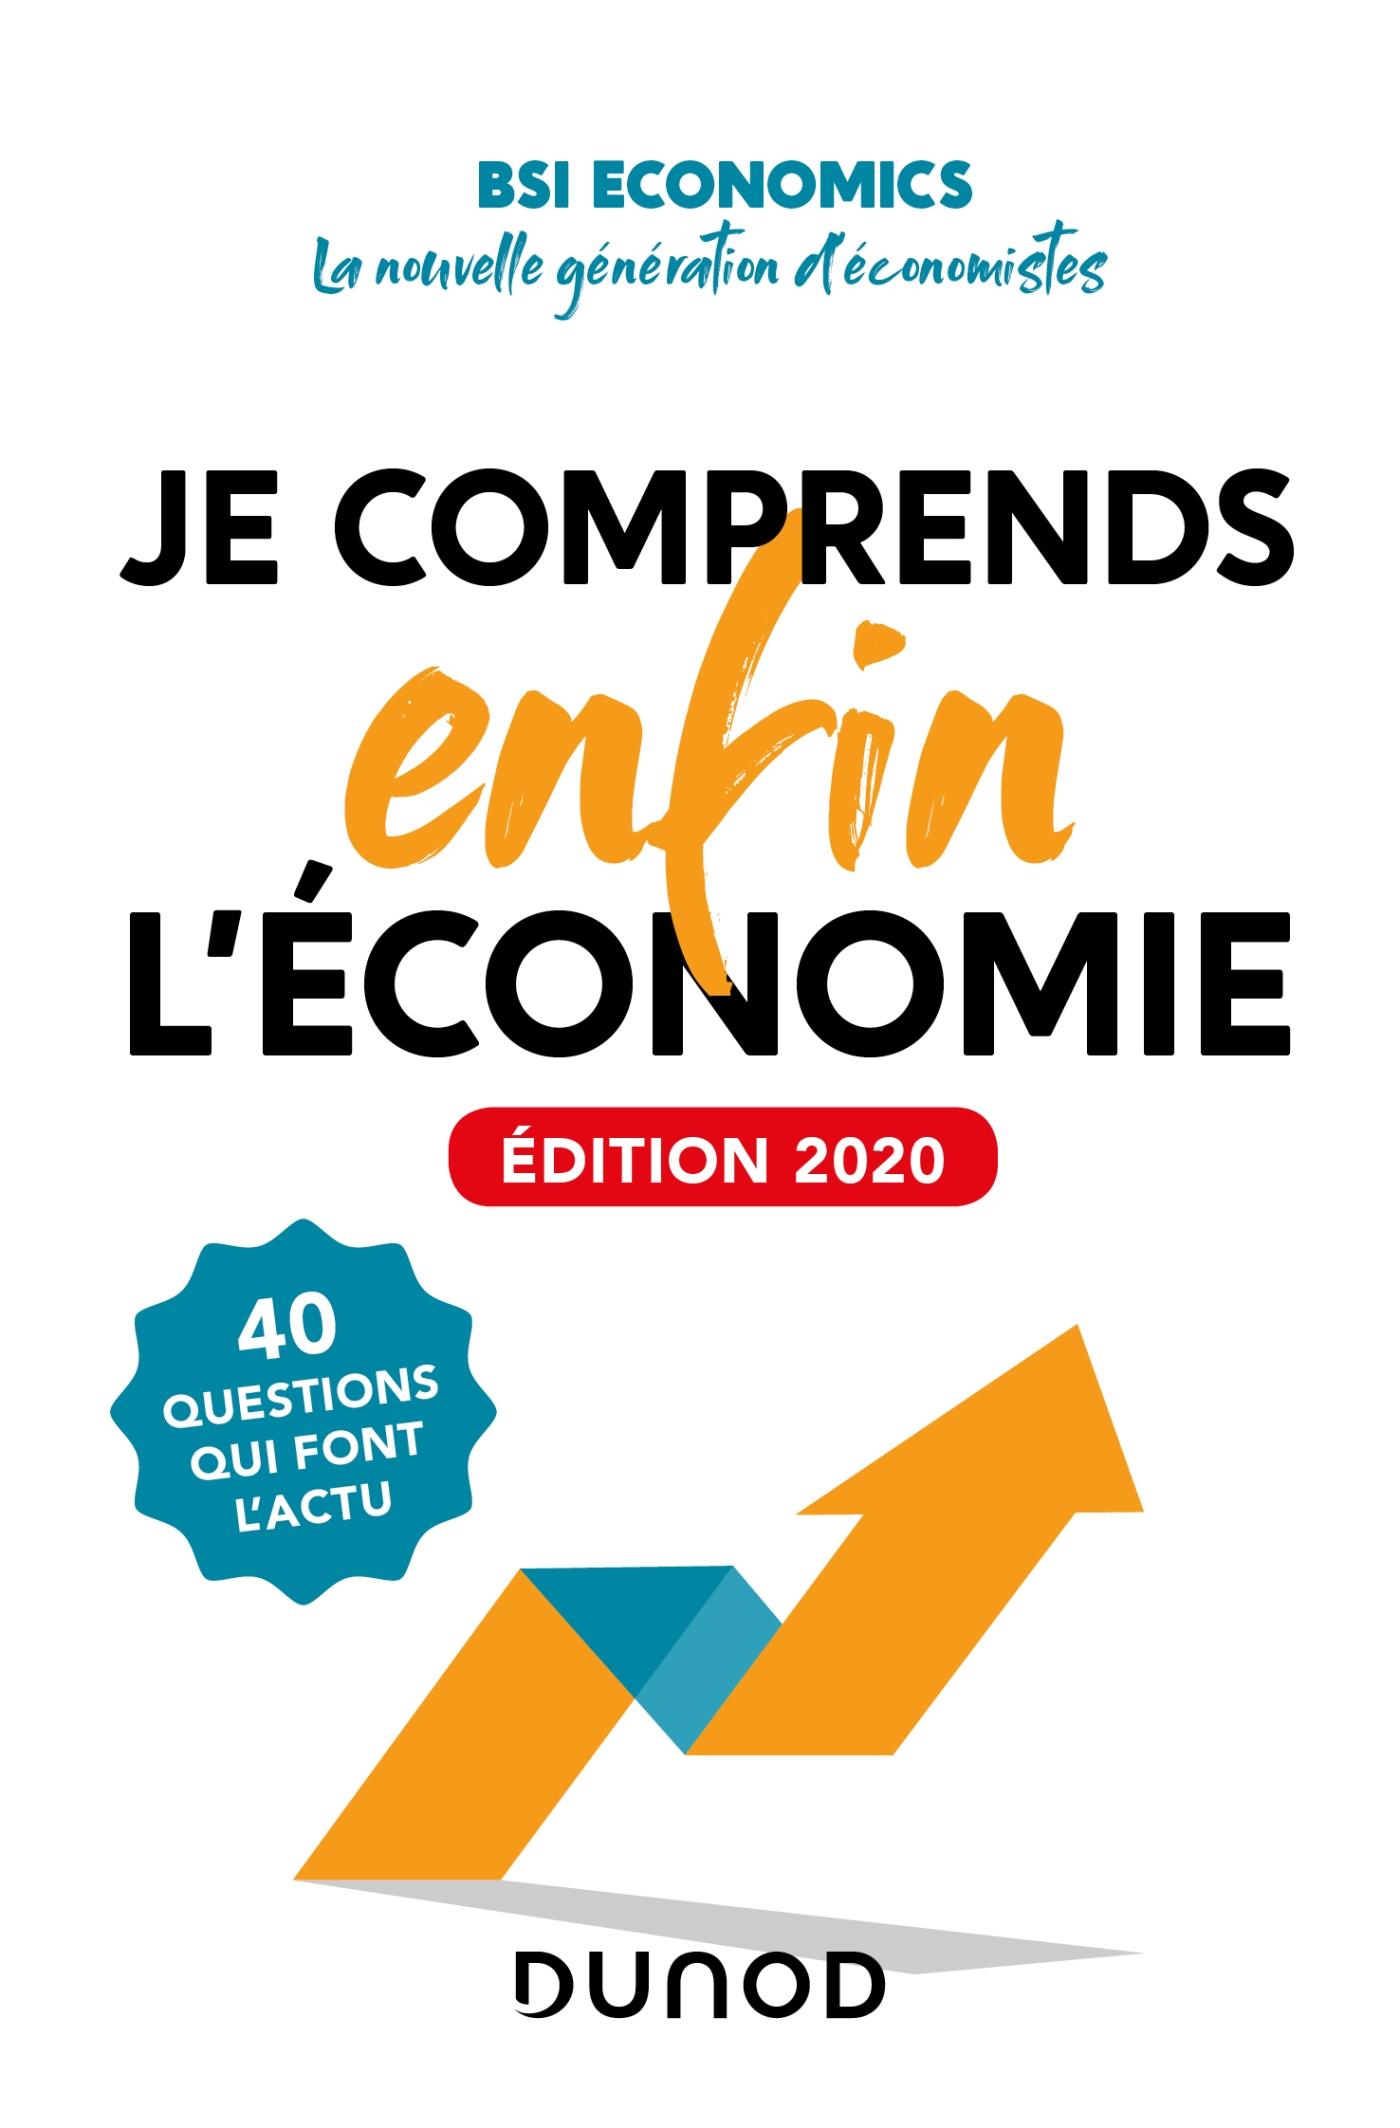 Je comprends ENFIN l'économie - Edition 2020 | BSI Economics, . Auteur